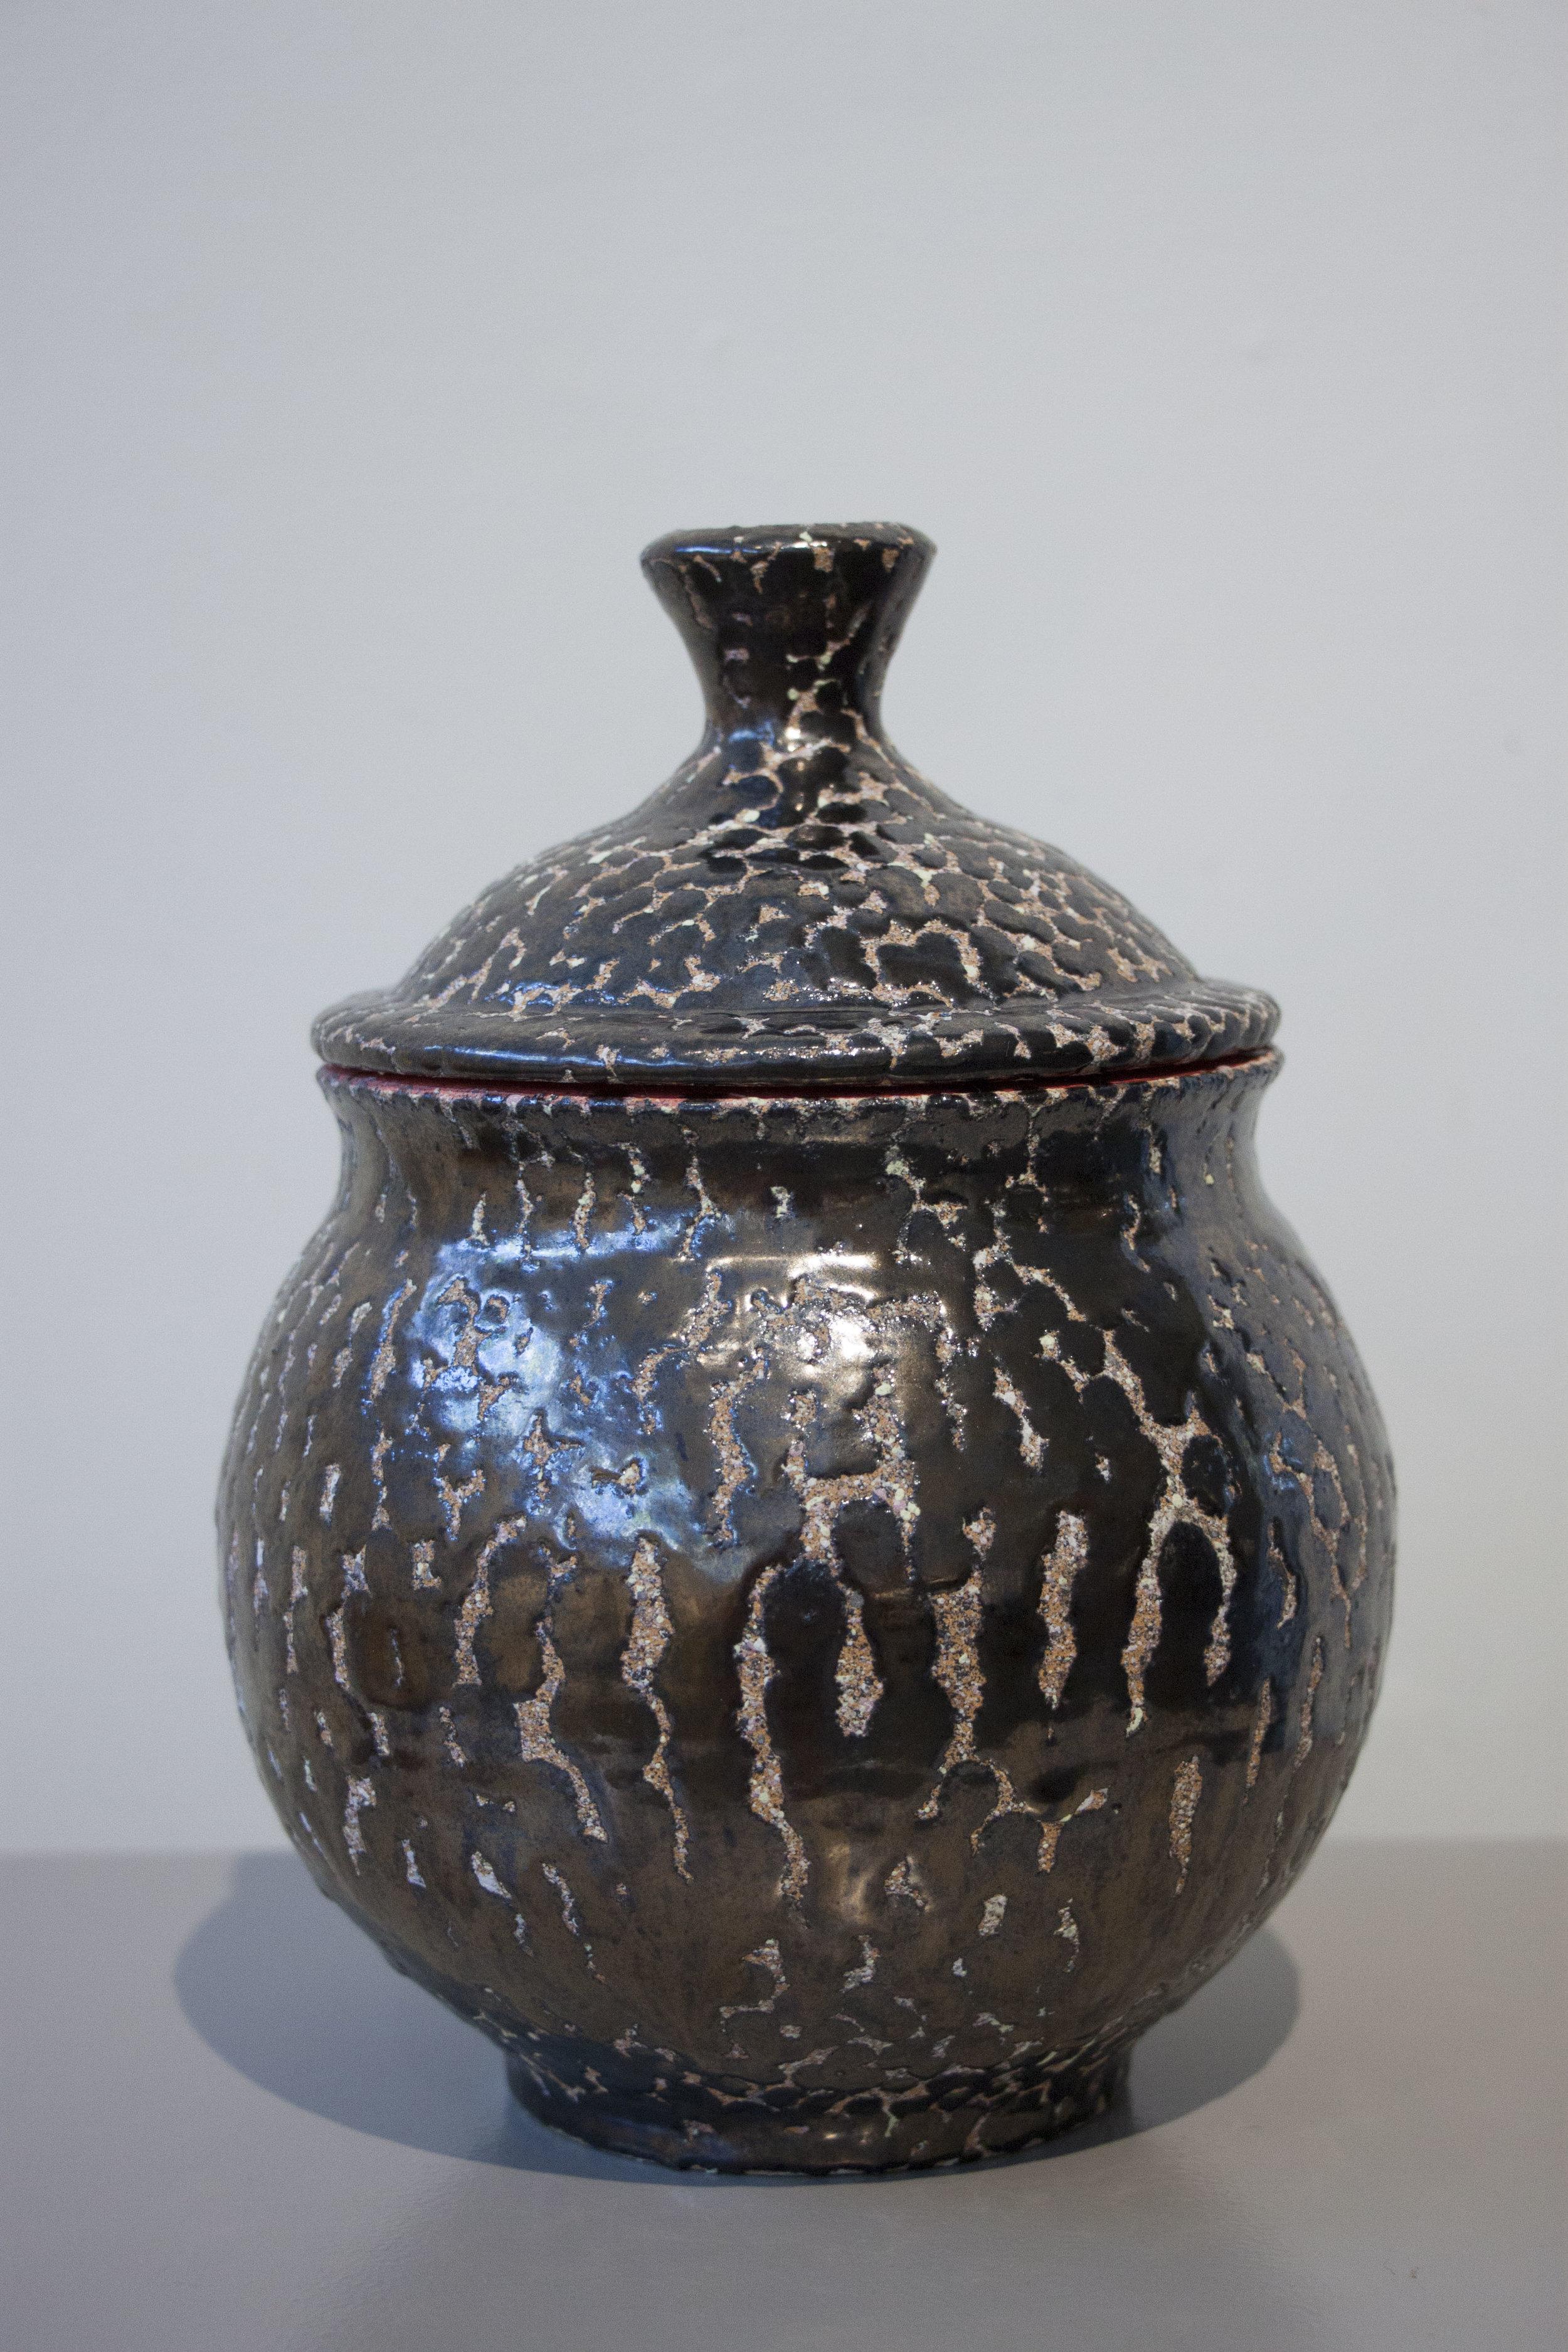 """William Yonker, """"Lidded Jar #224,"""" 2016, earthenware, 8 1/2"""" x 6 1/2"""""""